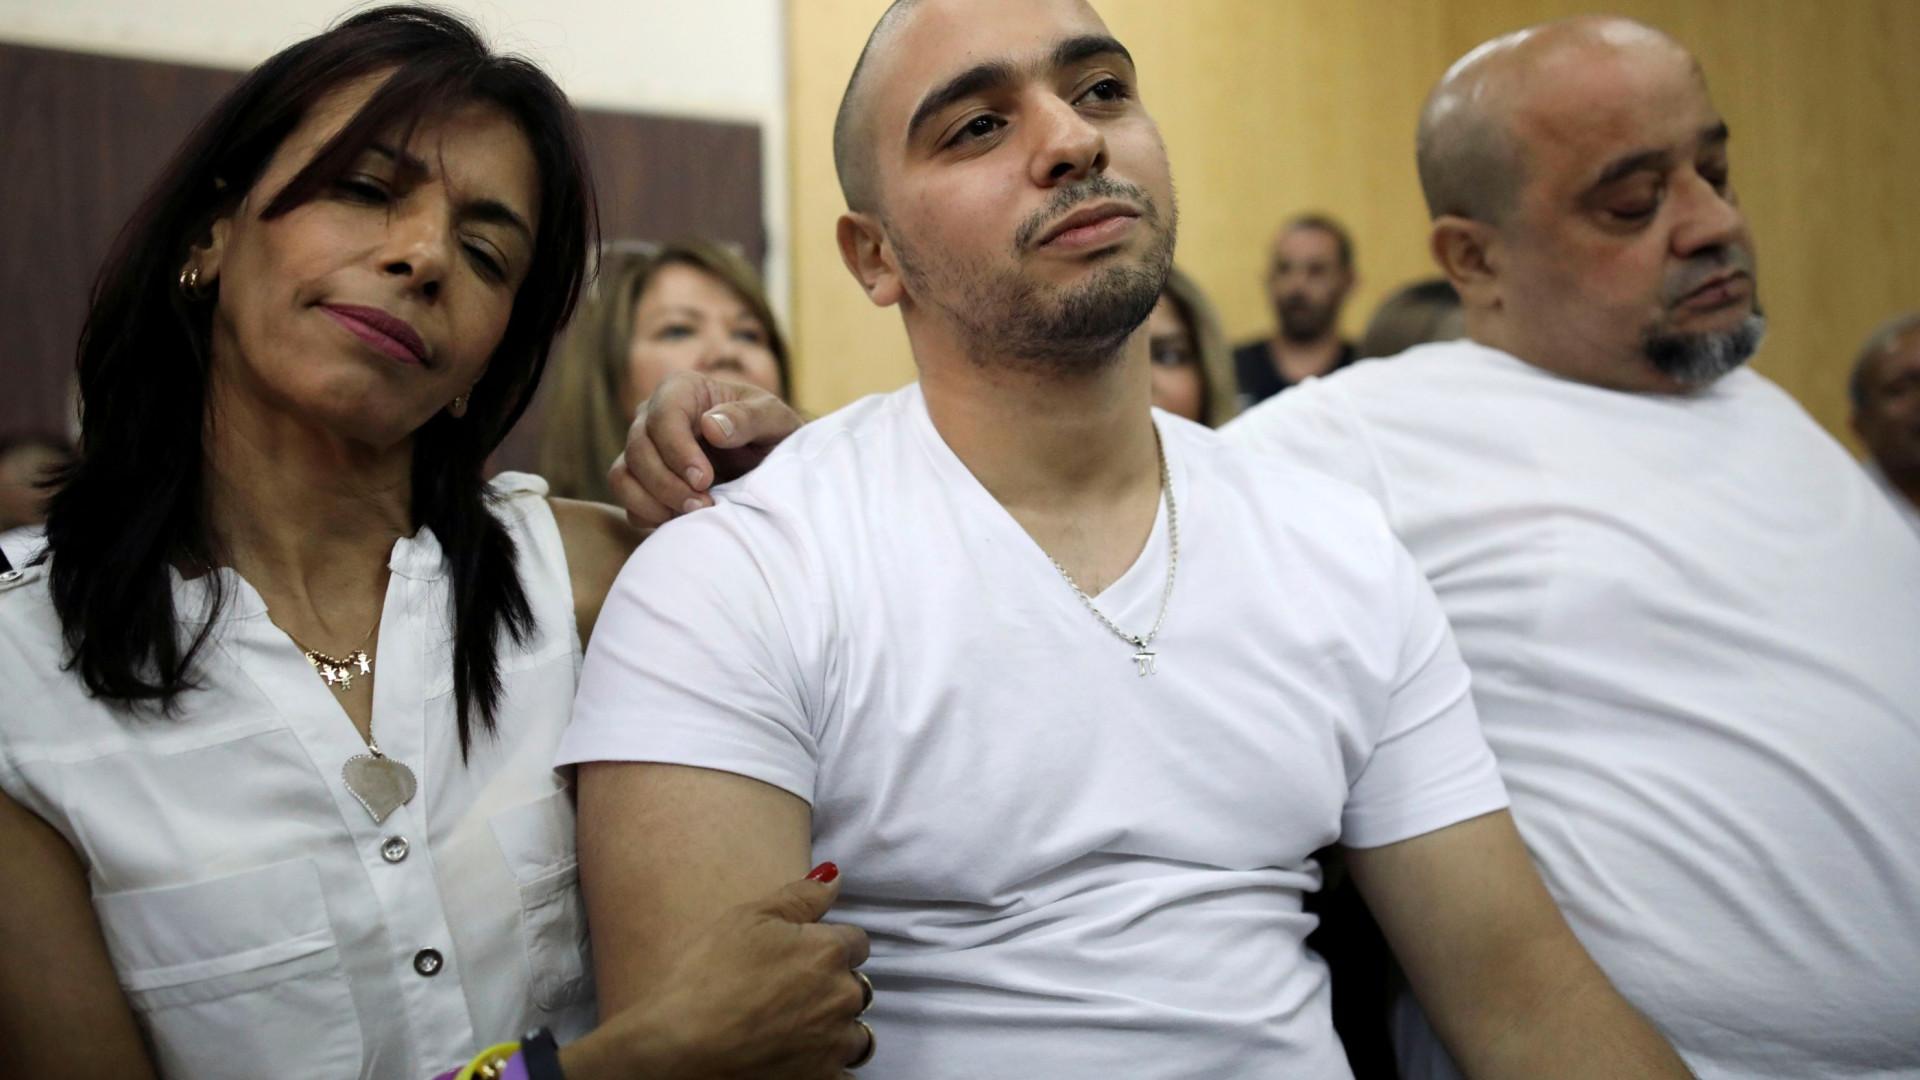 Soldado que abateu palestiniano imobilizado diz que não se arrepende